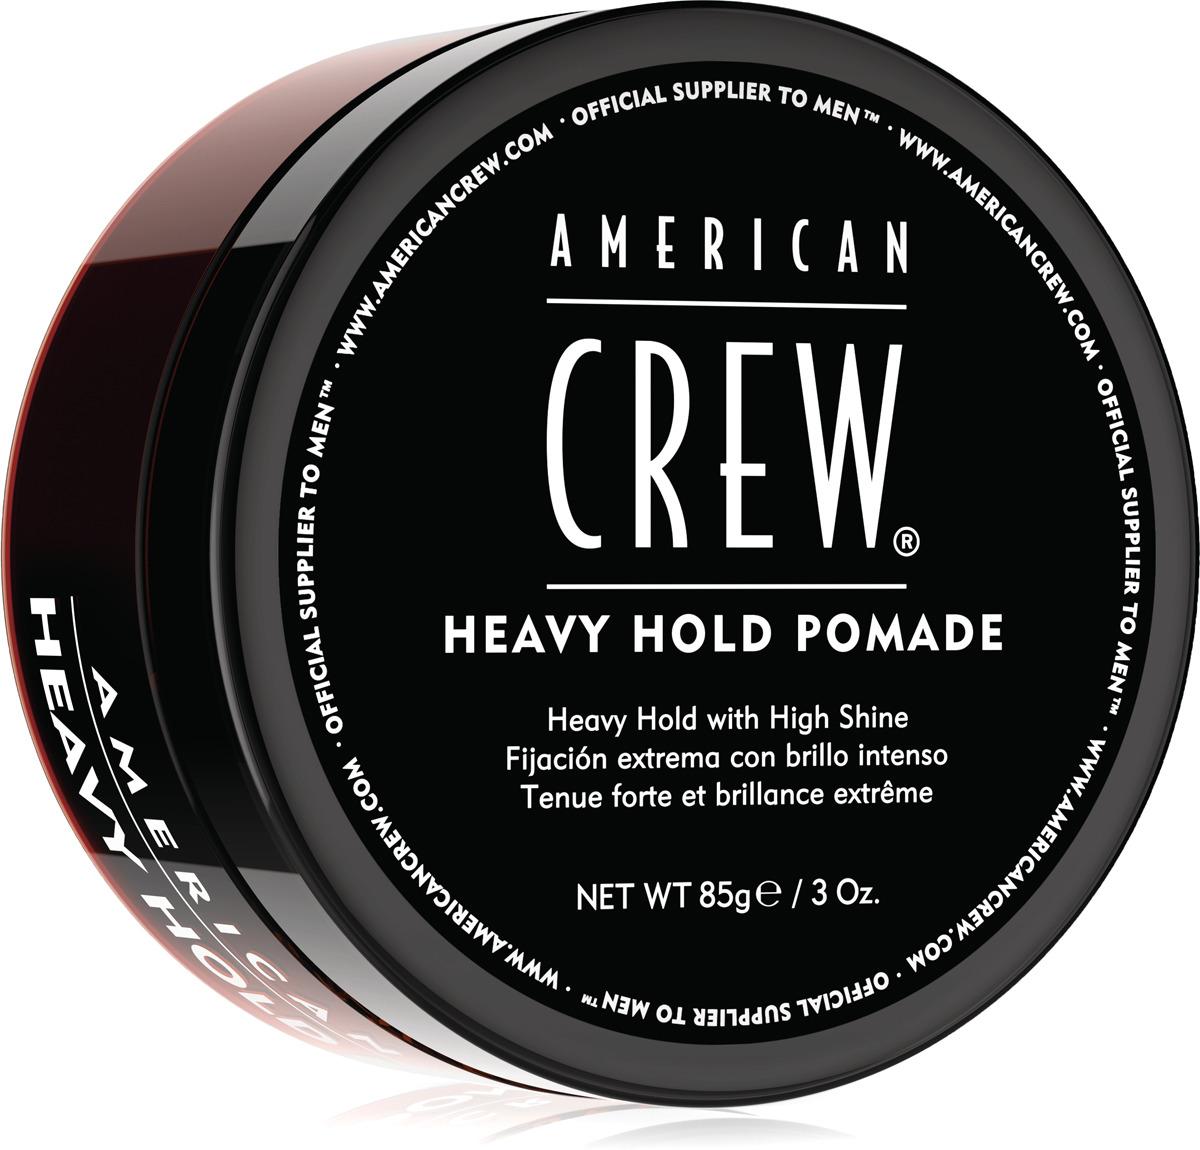 Помада для укладки волос American Crew Heavy Hold Pomade, с сильной фиксацией и высоким уровнем блеска, 85 г